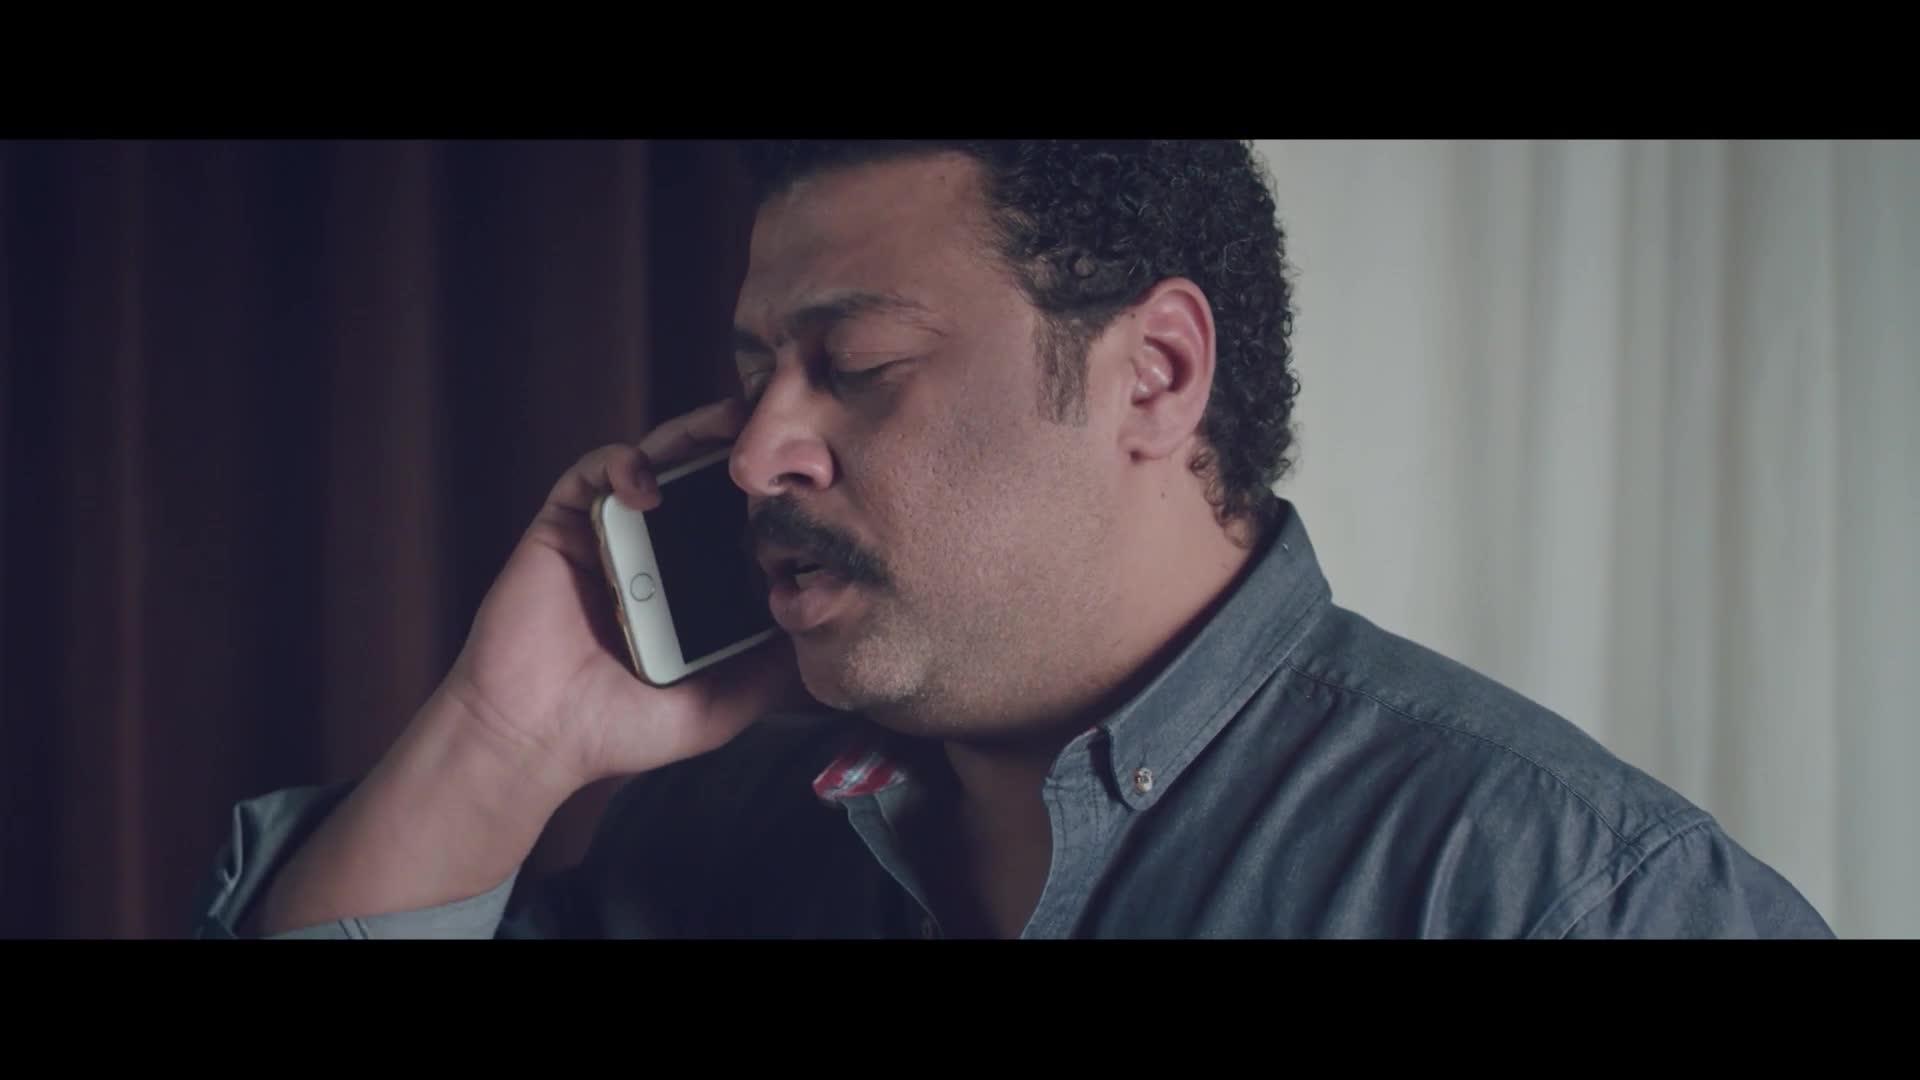 المسلسل المصري طلقة حظ [2019][WEB DL][1080p] تحميل تورنت 15 arabp2p.com